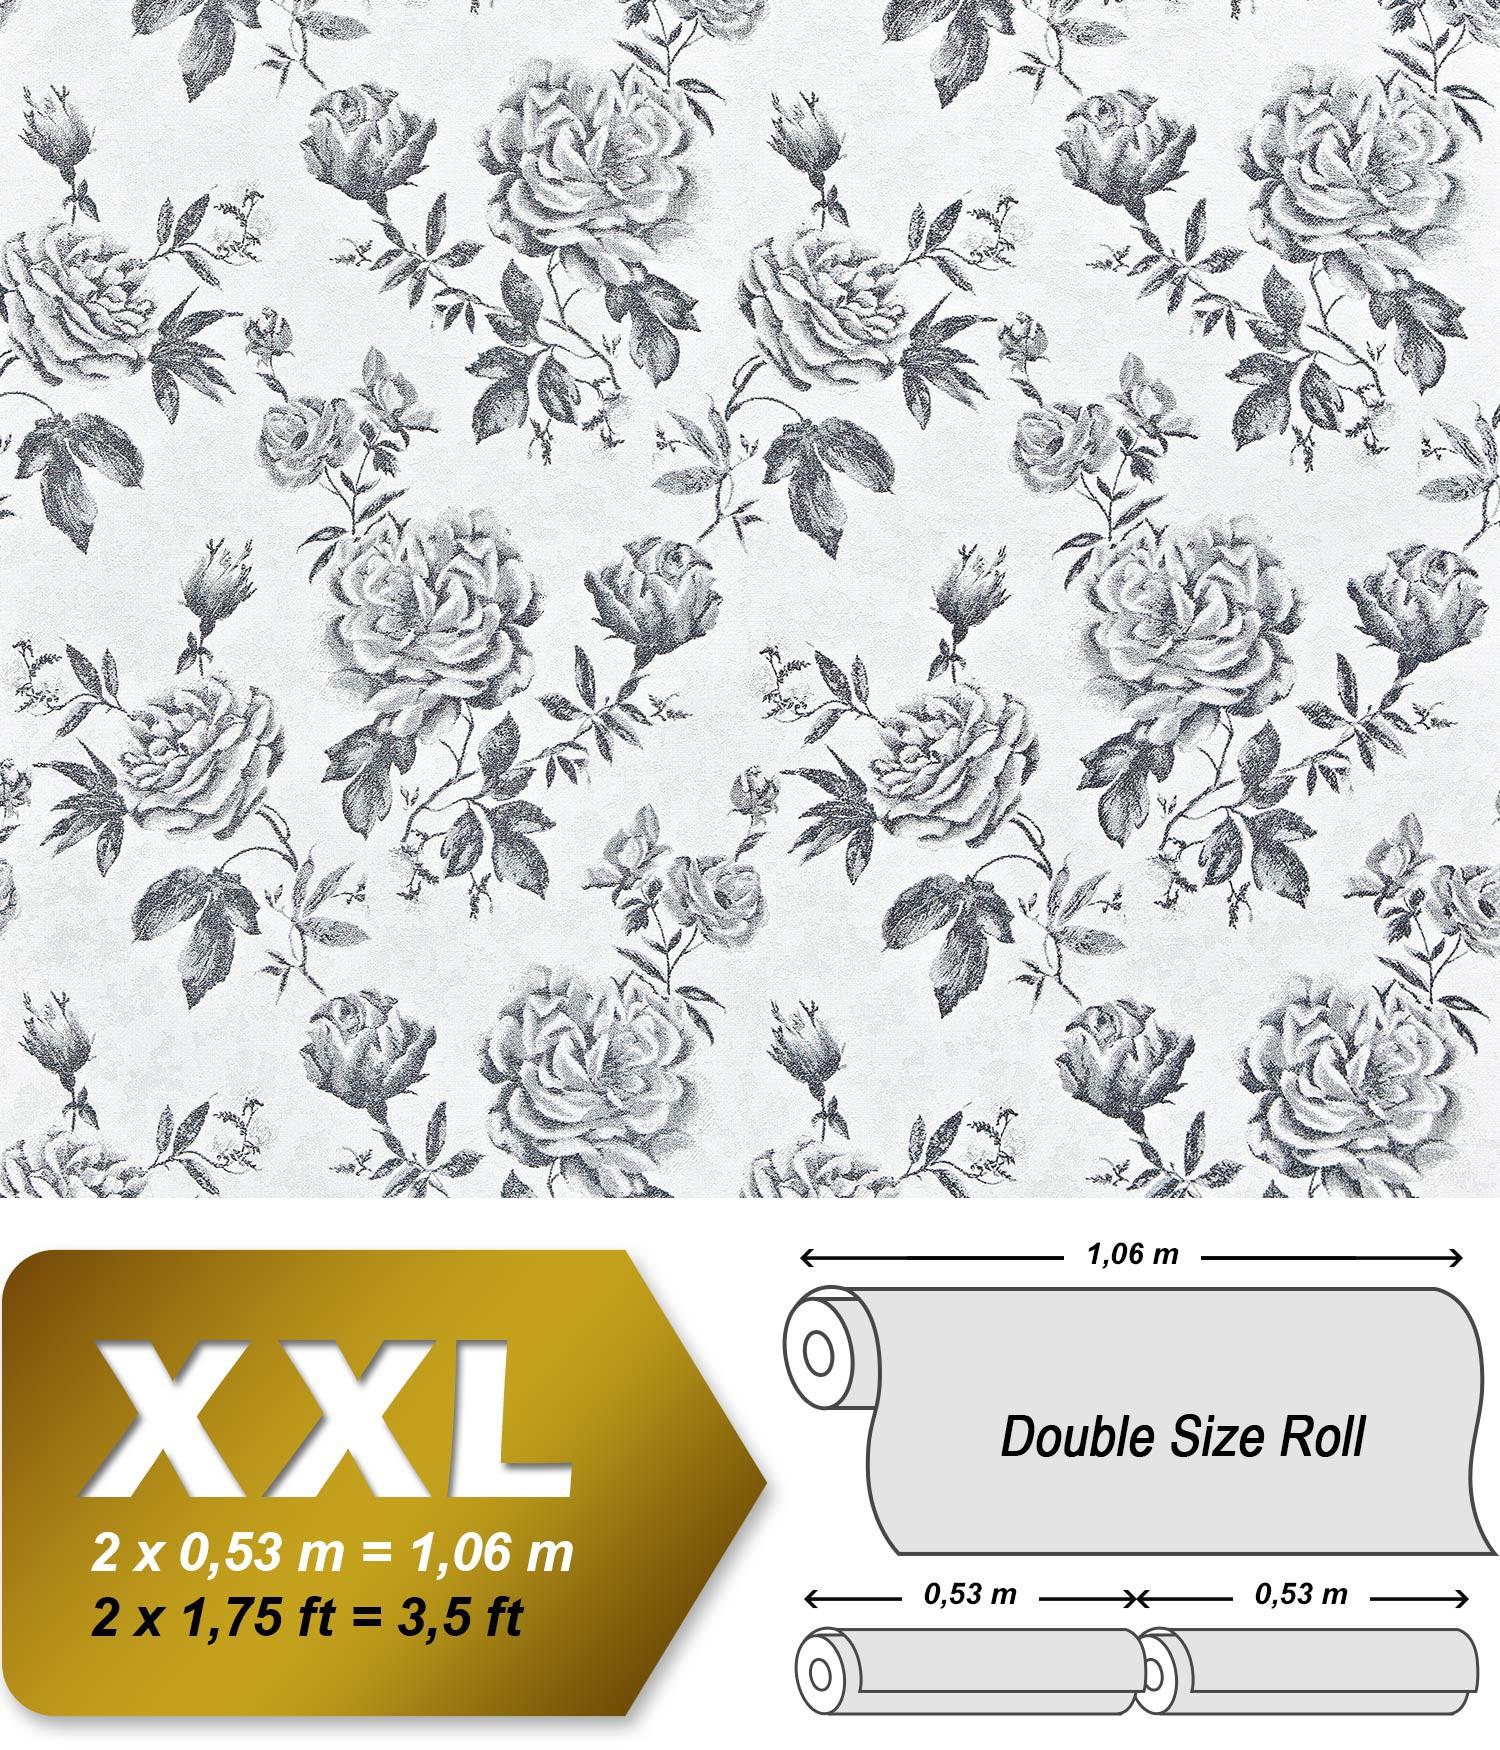 blumen tapete xxl vliestapete edem 687 96 florales muster blumentapete rosen und bl tter schwarz. Black Bedroom Furniture Sets. Home Design Ideas